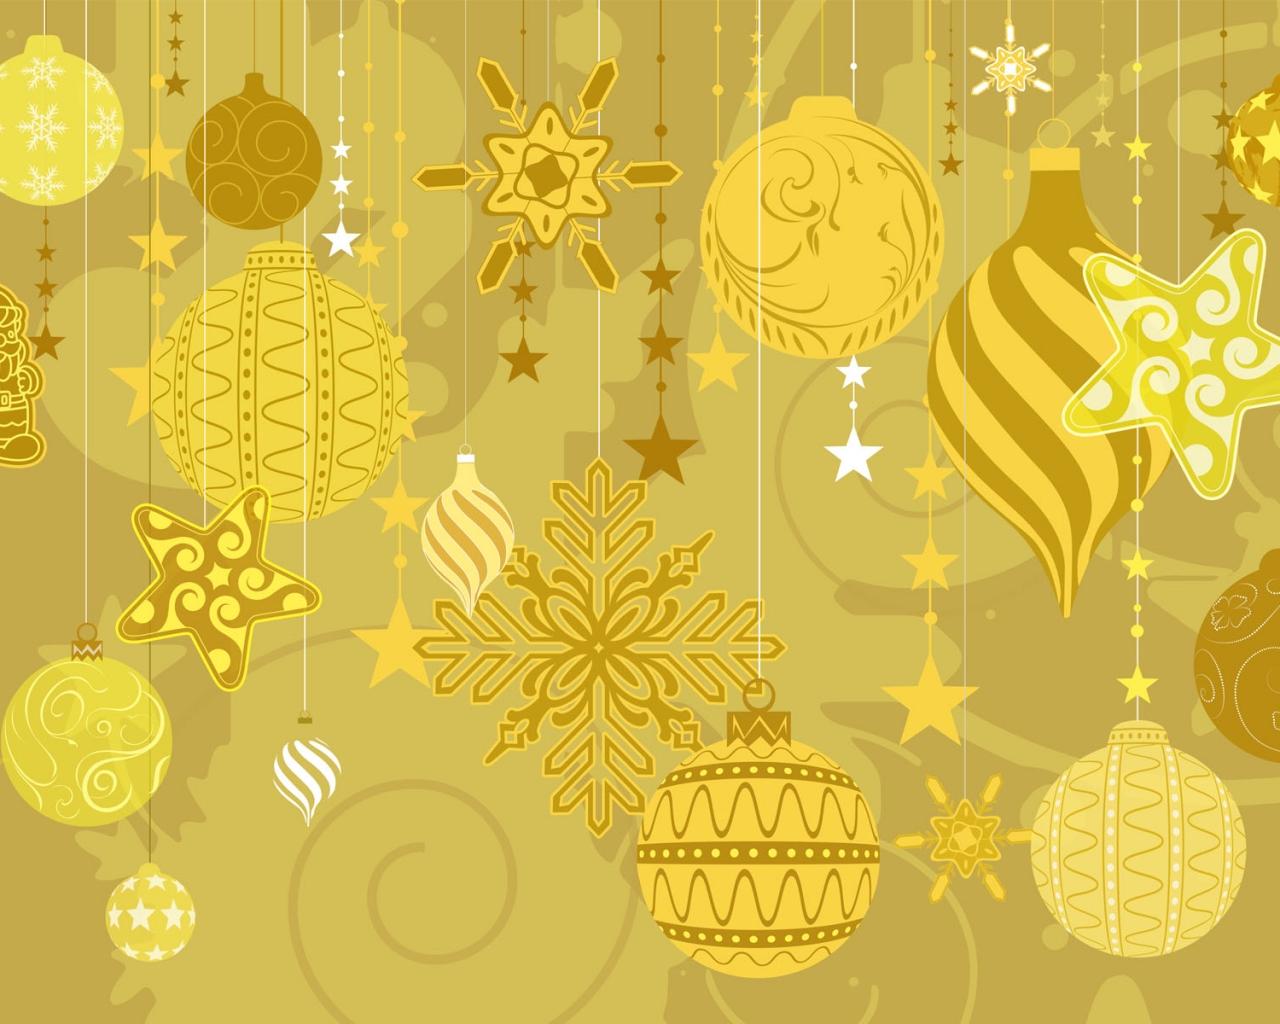 Decoración y adornos dorados - 1280x1024